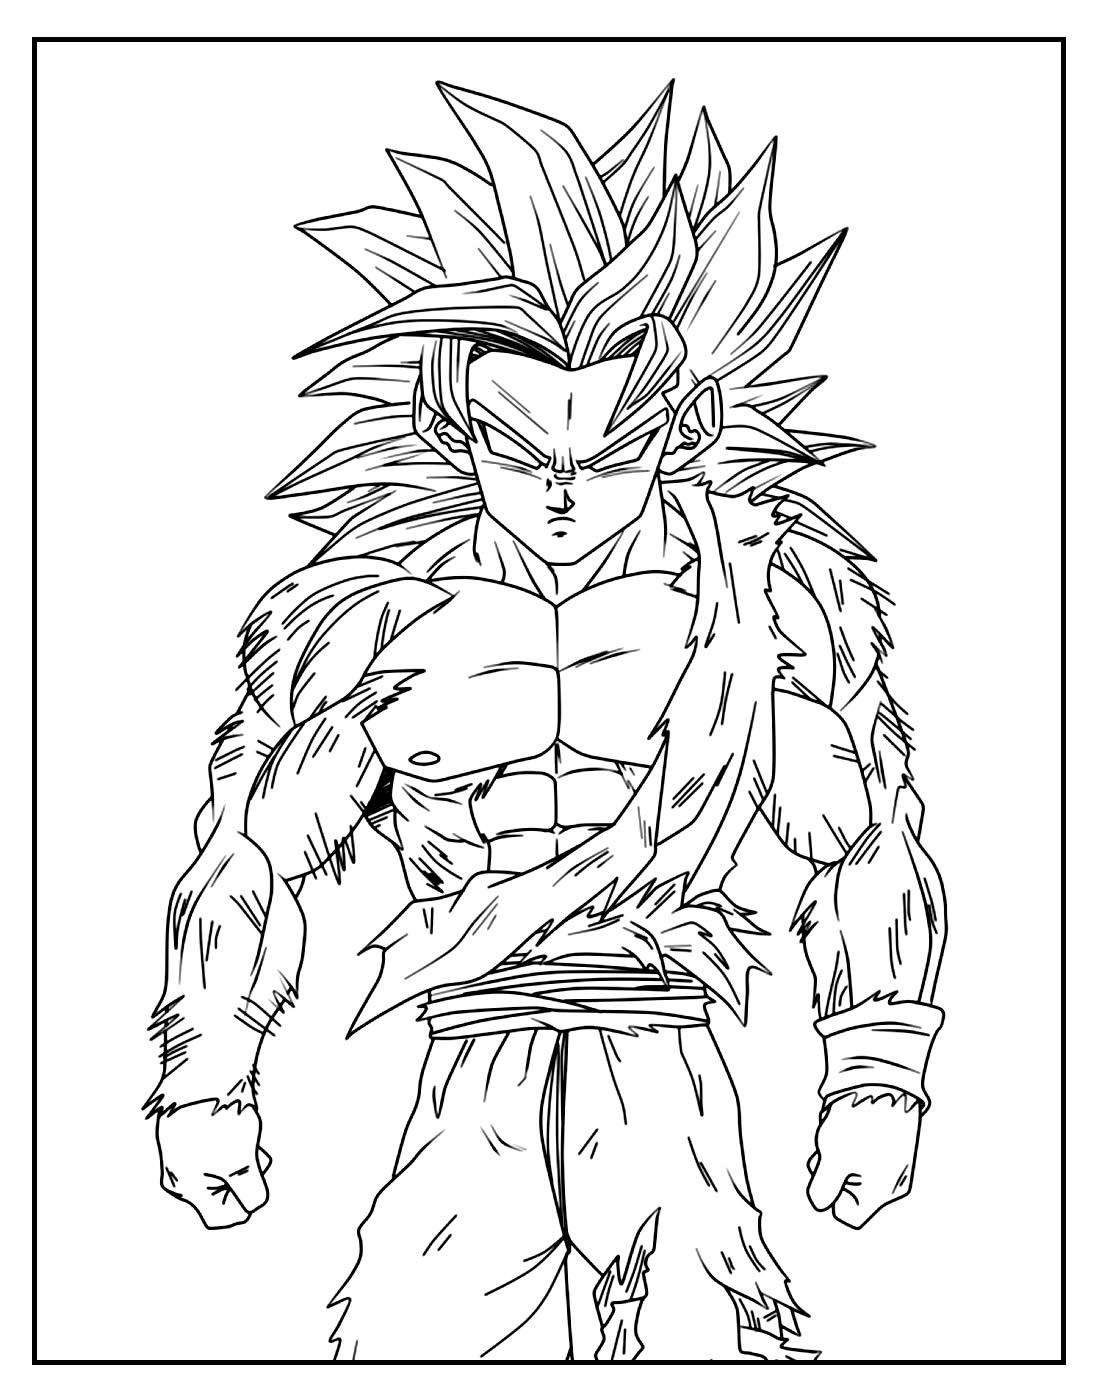 Página para colorir de Dragon Ball Z